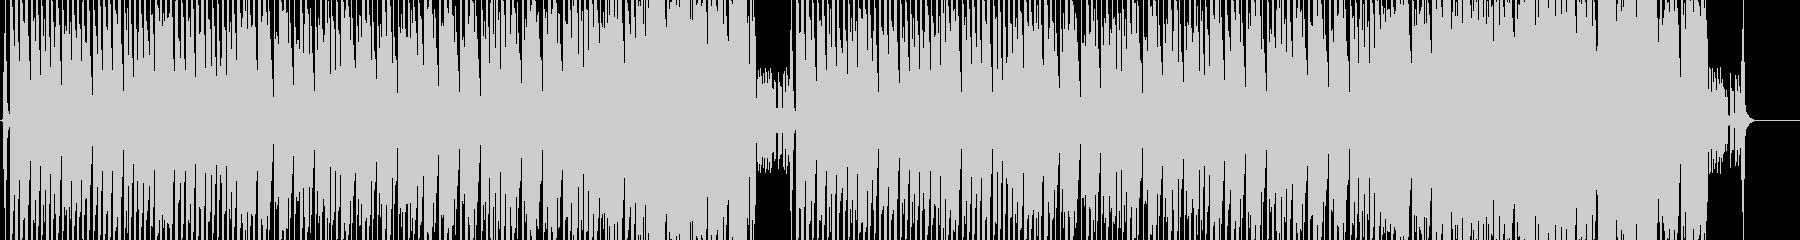 怪しげで渋いベースエレクトロサウンドの未再生の波形